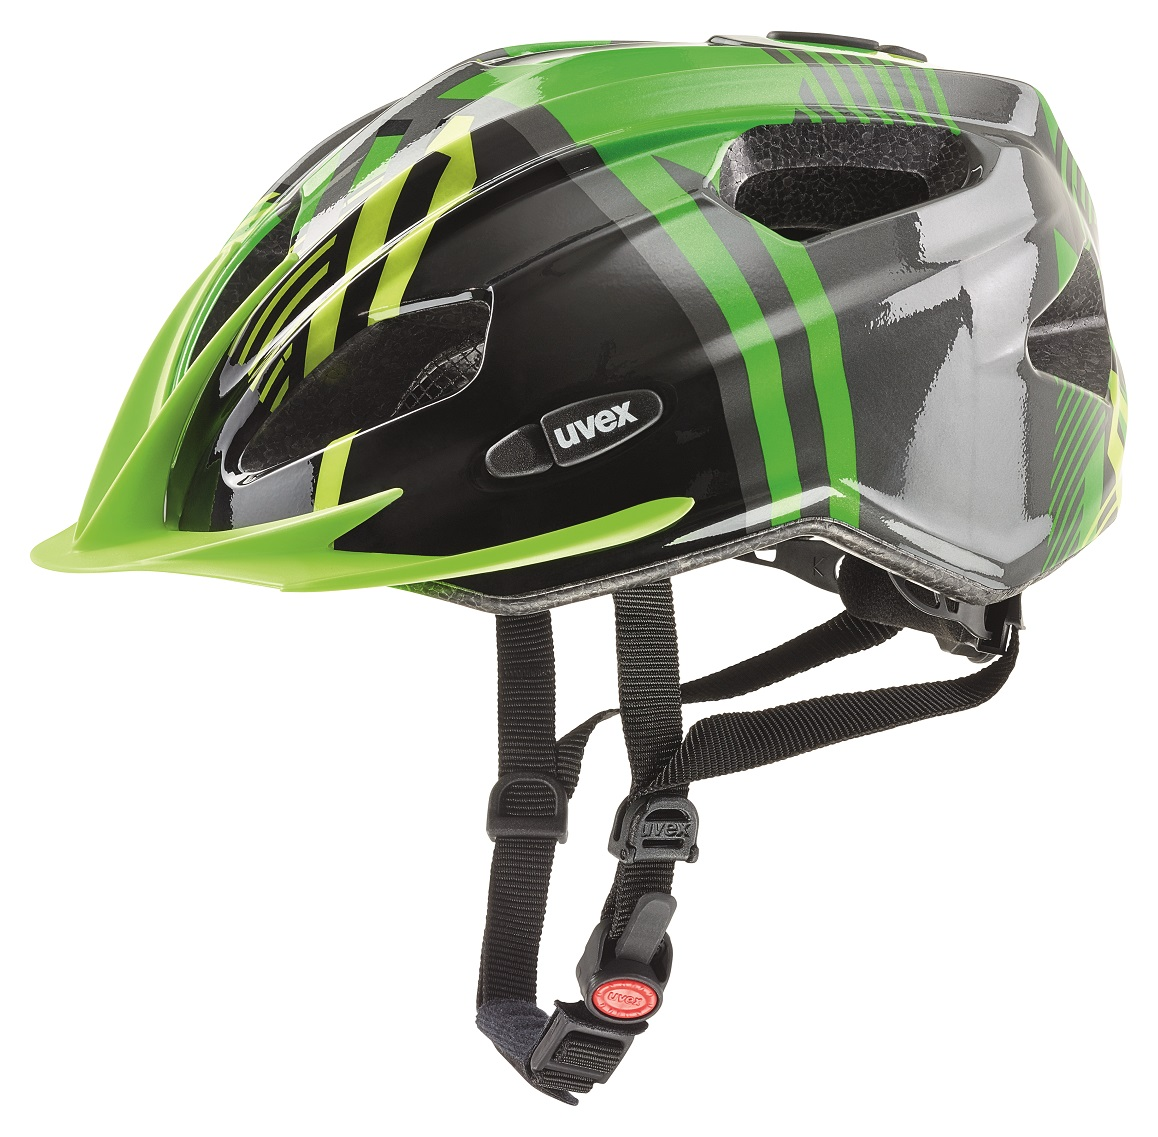 Uvex quatro junior black-green 50-55 cm